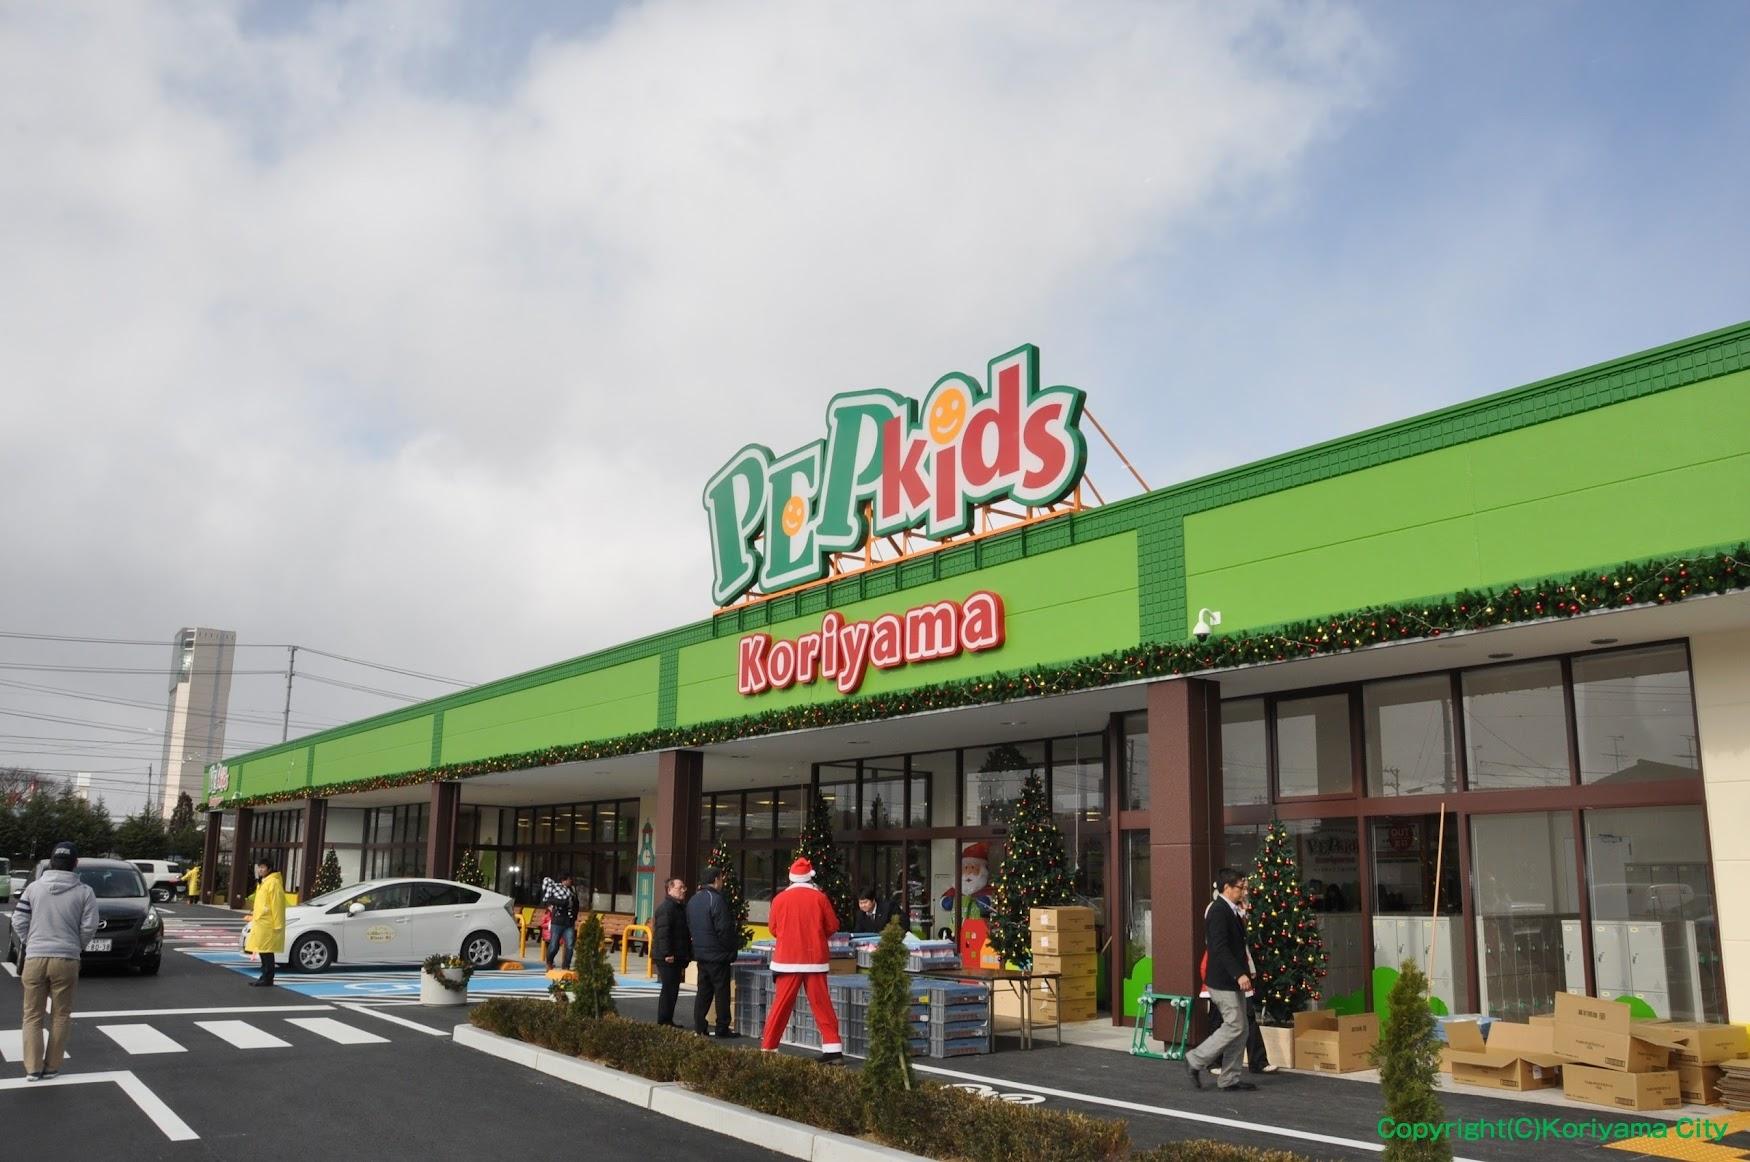 PEP Kids Koriyama ( ペップキッズ 郡山 ) / 室内子供の遊び場 郡山市